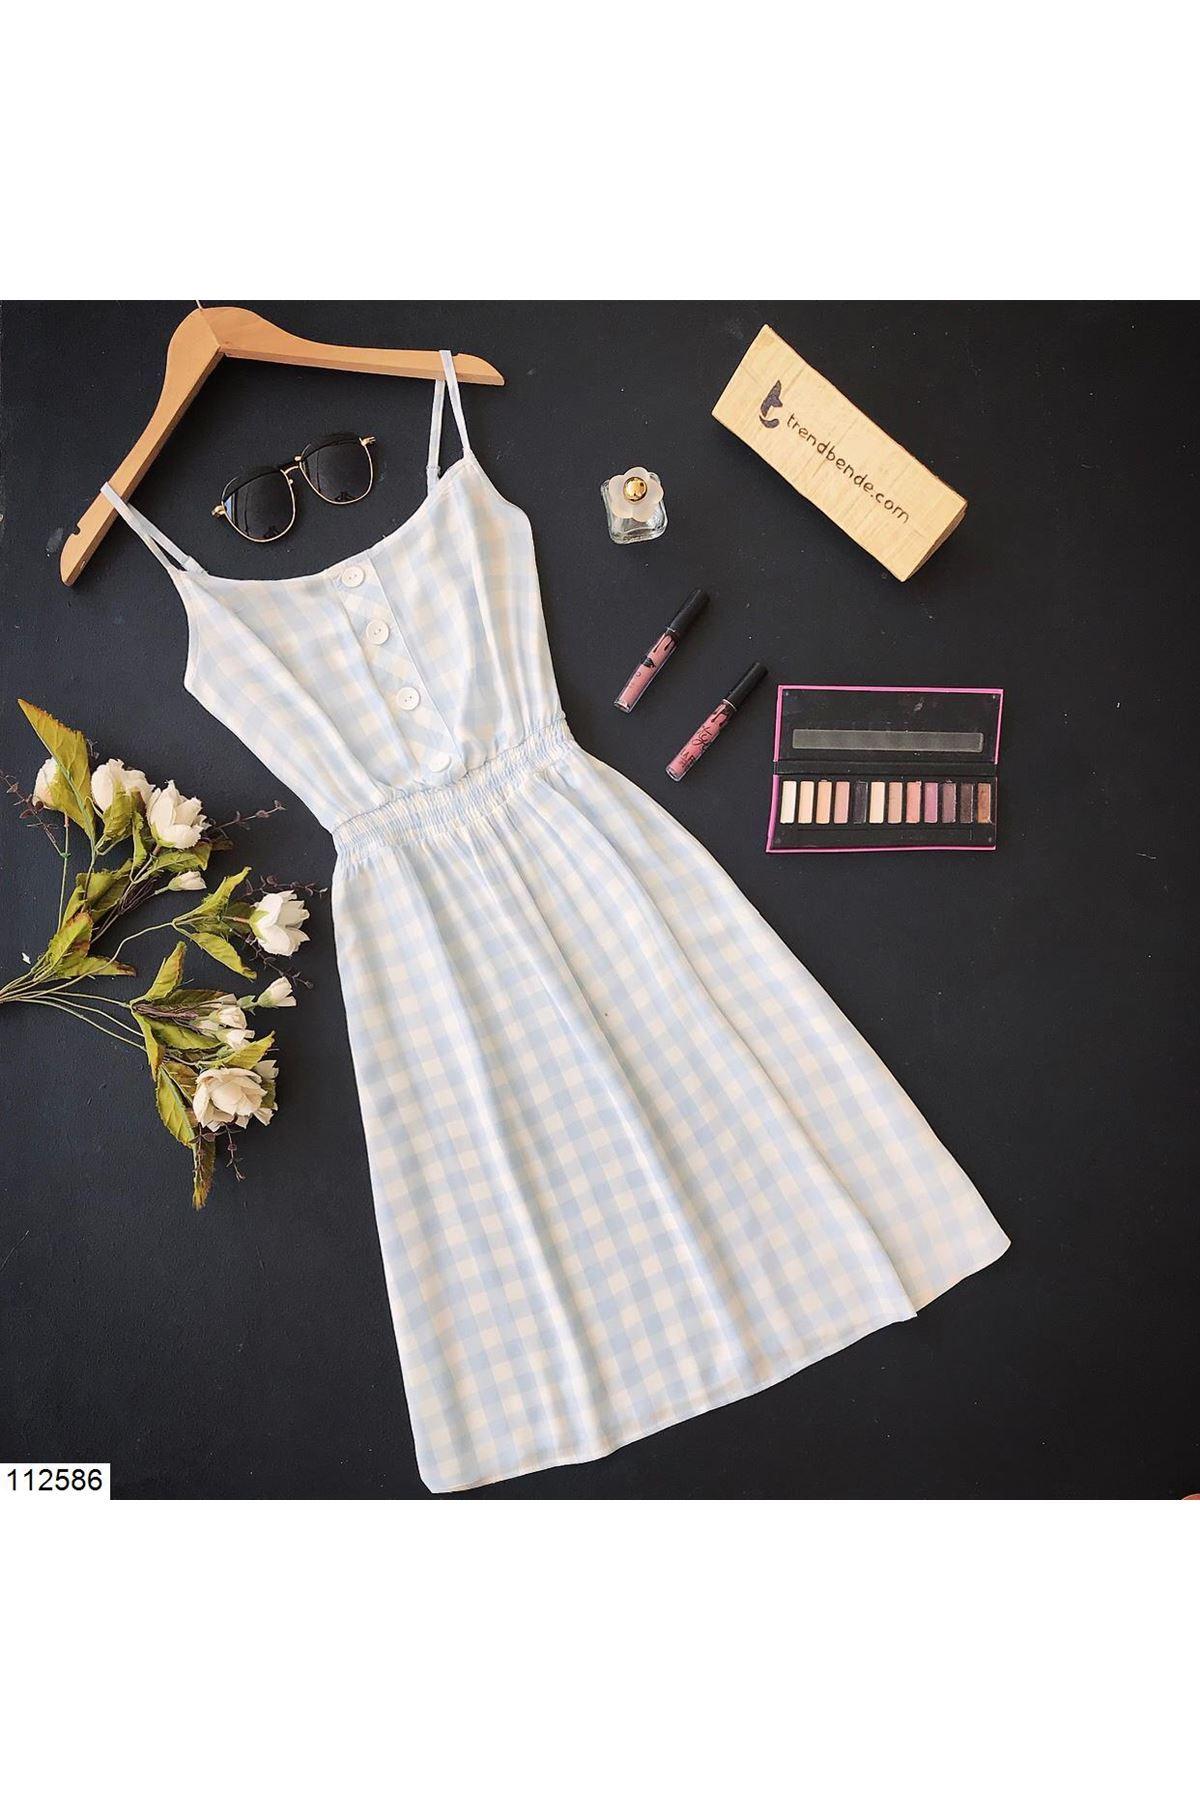 فستان قصير أبيض أزرق فاتح بمربعات وأزرار أمامية نسائي